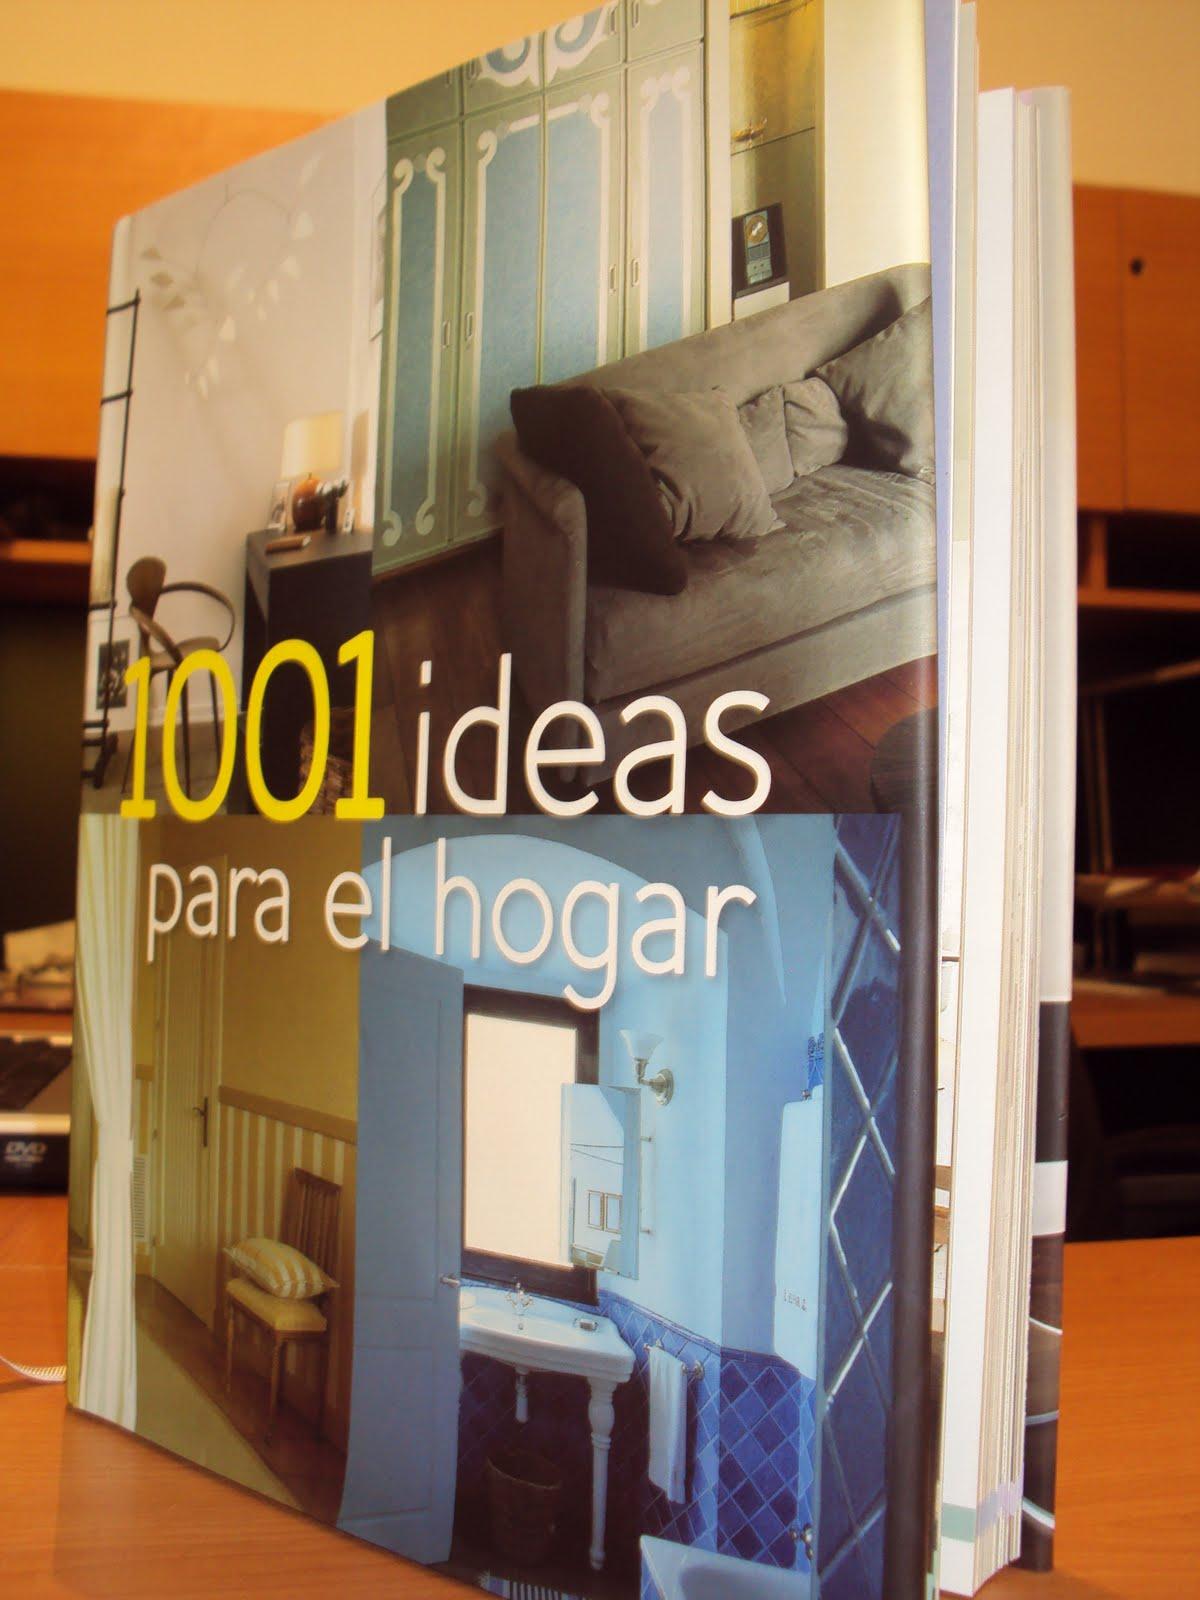 1001 ideas para el hogar mujer de libros